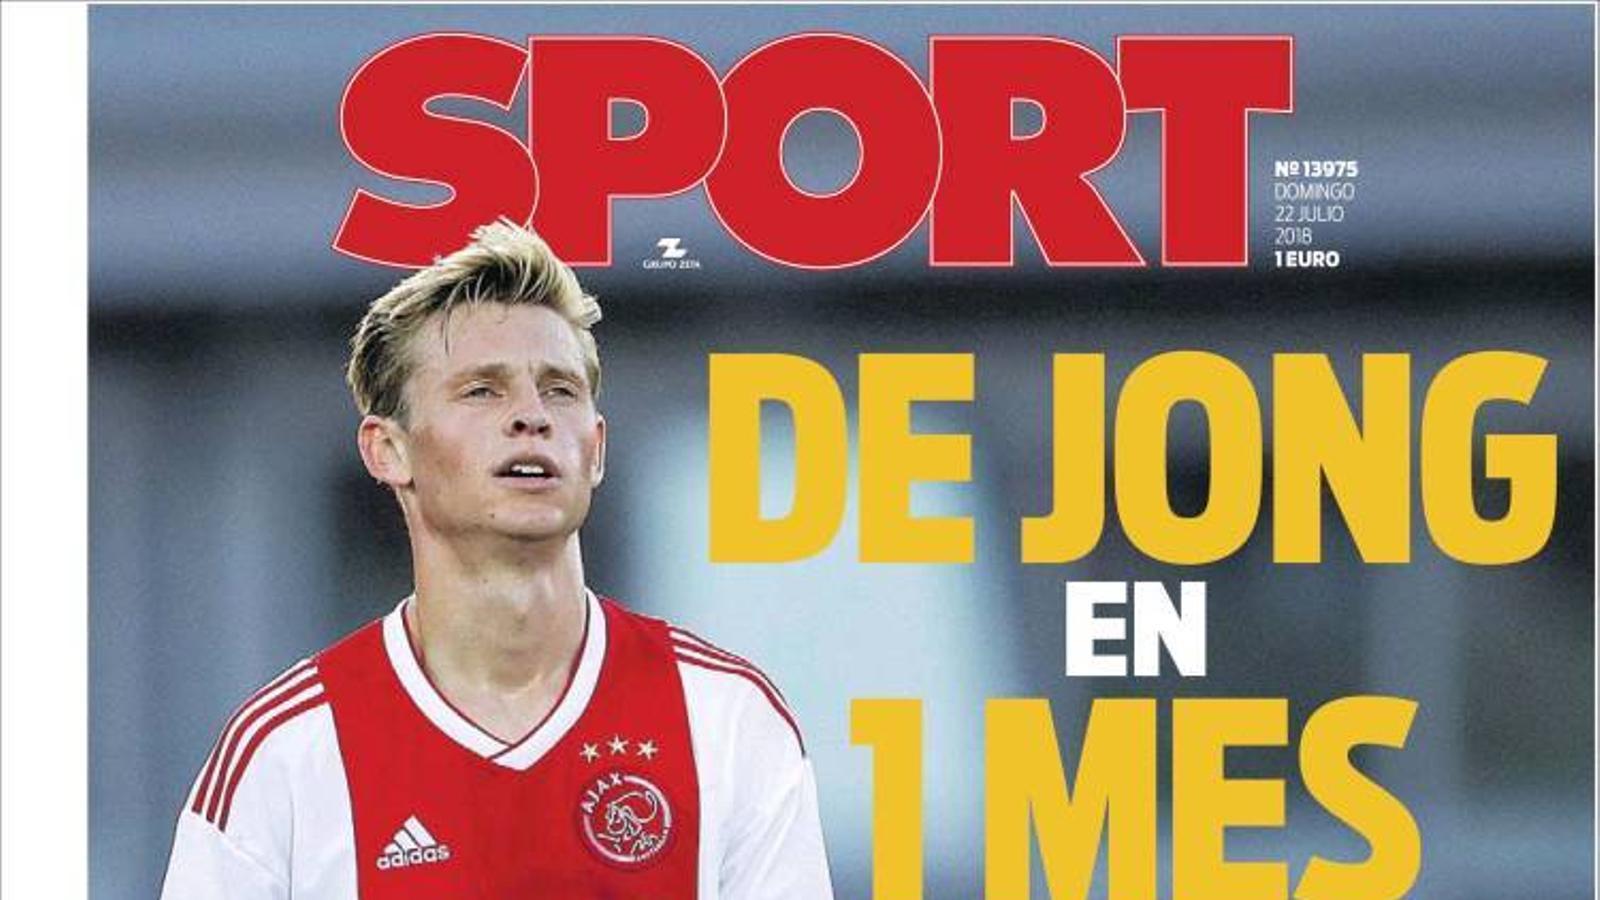 Portada 22 juliol Sport